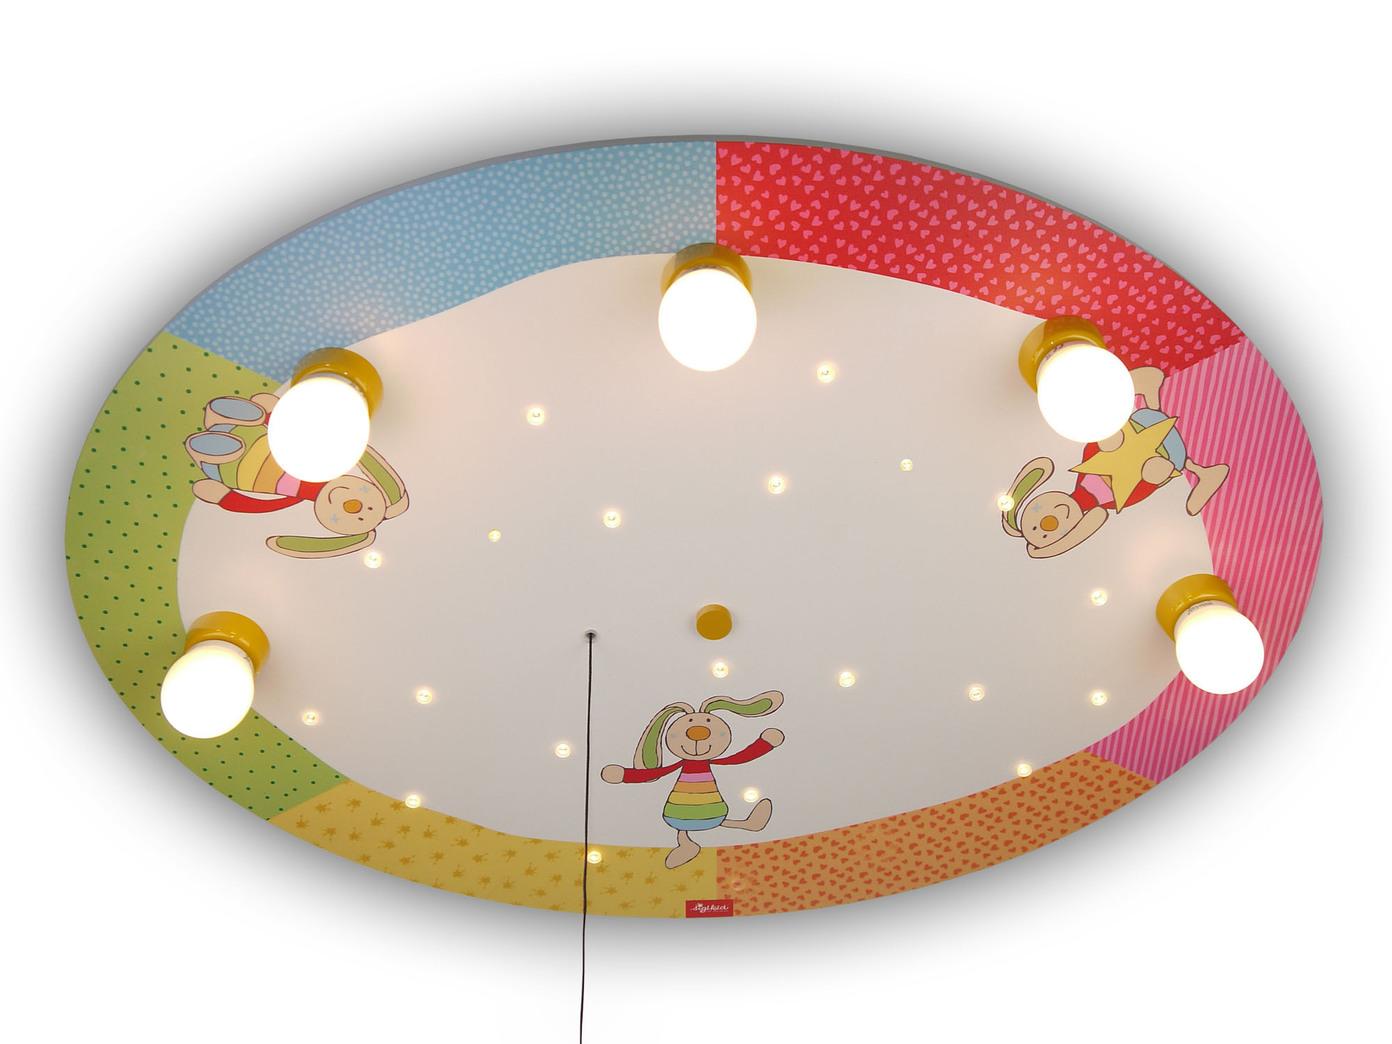 LED Kinderzimmerlampe Decke Rainbow Rabbit Schlummerlicht Amazon ...